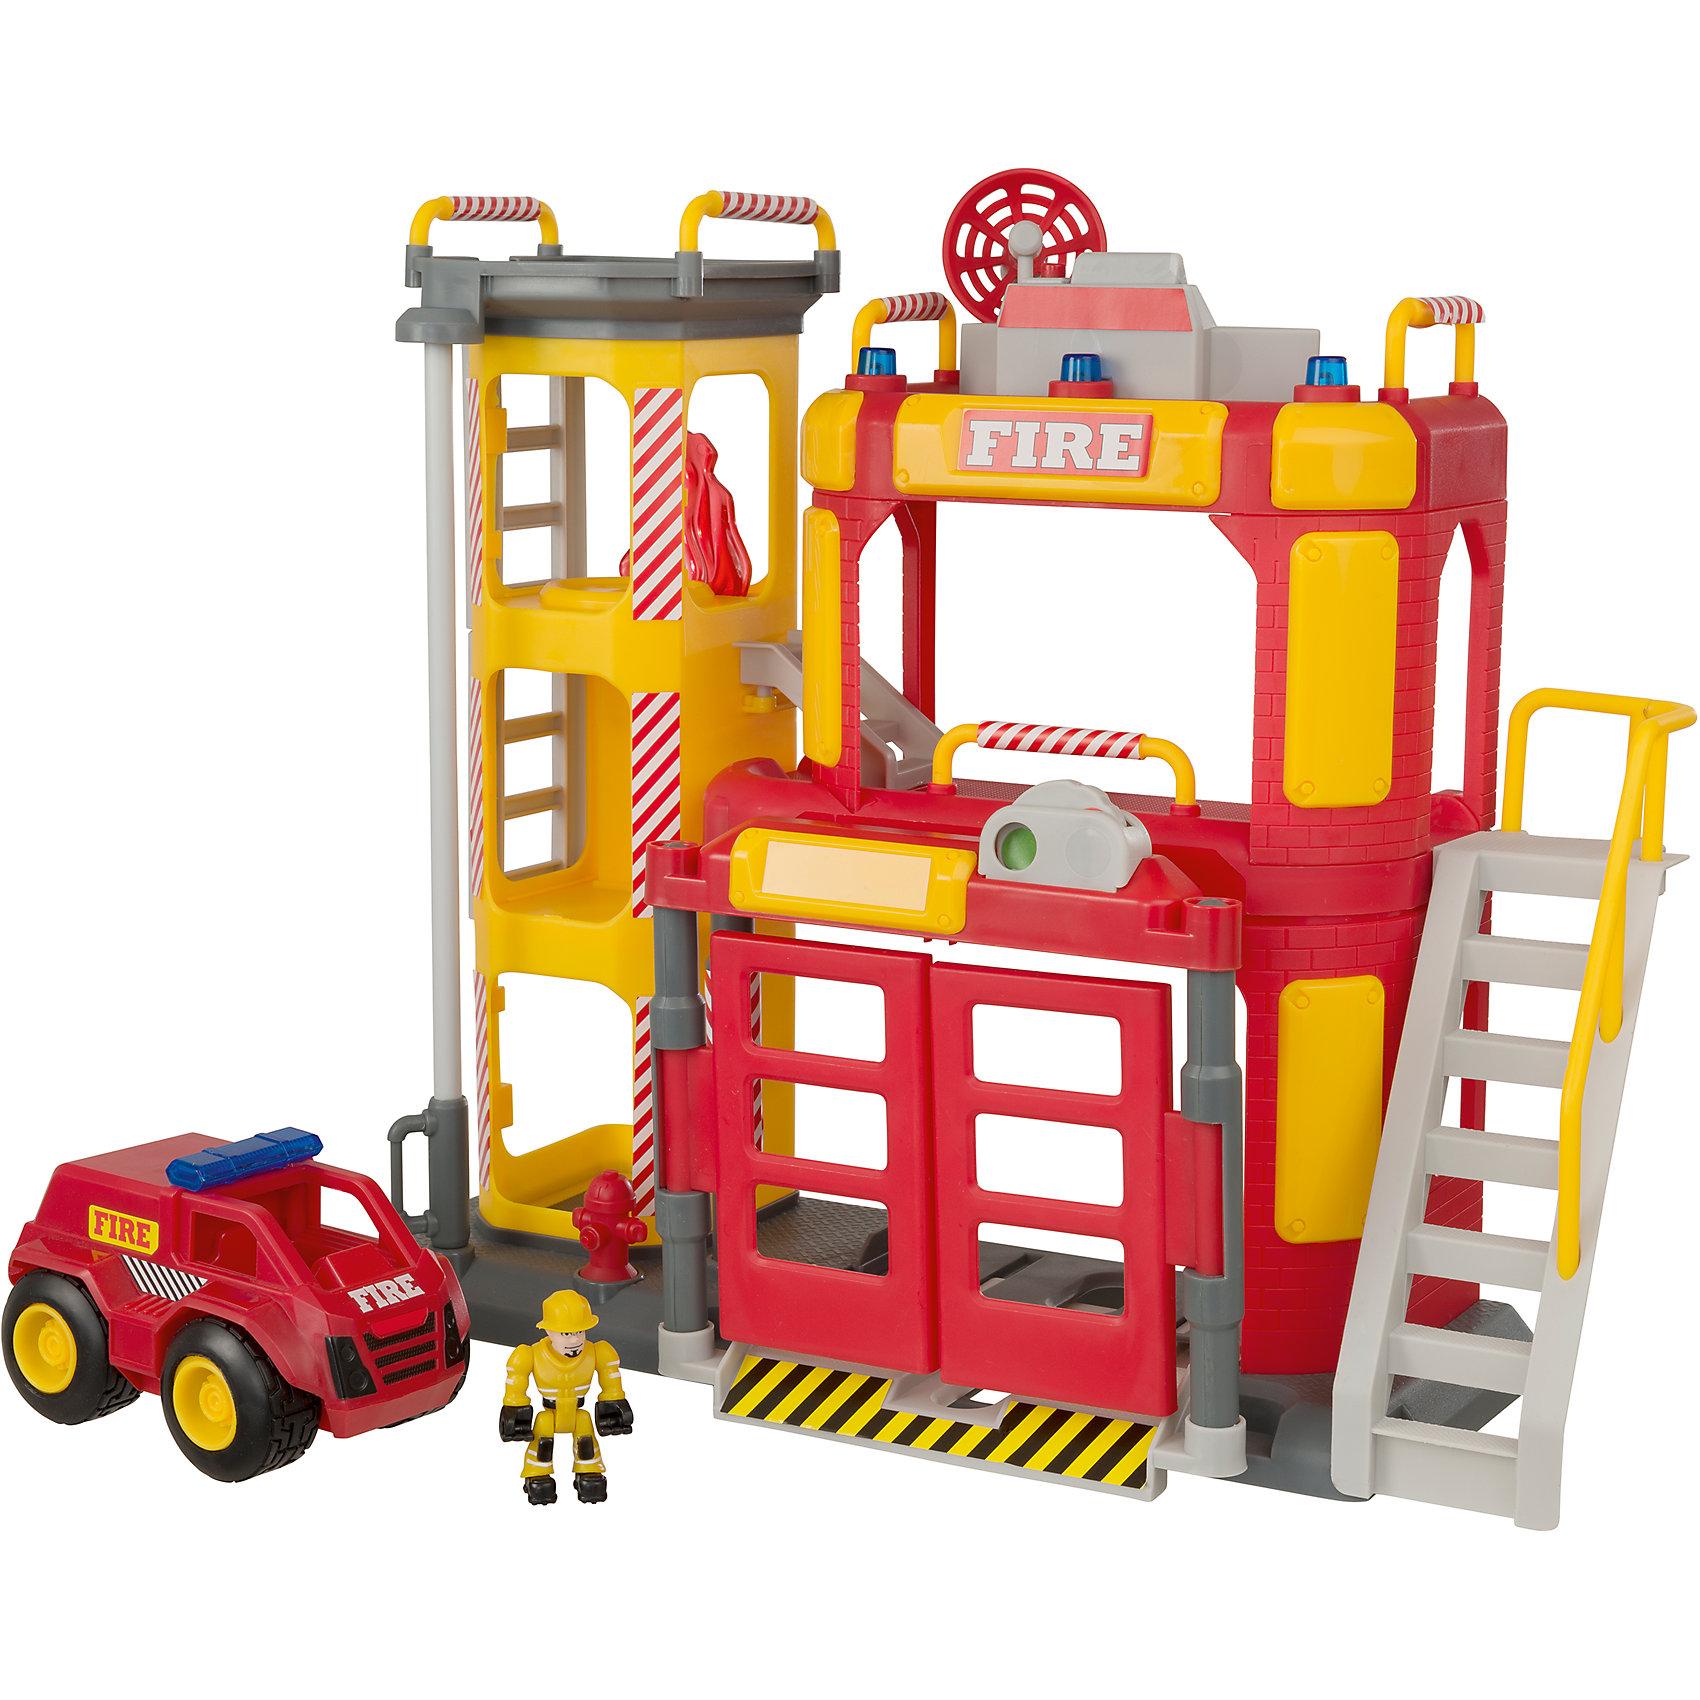 Большая пожарная станция, TeamsterzСо световыми и звуковыми эффектами.<br>В комплект входит: пожарное депо, пожарная машина, 2 пожарных.<br>Высота станции: 38 см..<br>Работает от 3-х батареек типа ААА (В комплект не входят). <br>Изготовлено из полимерного материала с элементами из металла<br><br>Ширина мм: 545<br>Глубина мм: 399<br>Высота мм: 151<br>Вес г: 1772<br>Возраст от месяцев: 36<br>Возраст до месяцев: 168<br>Пол: Мужской<br>Возраст: Детский<br>SKU: 5427396